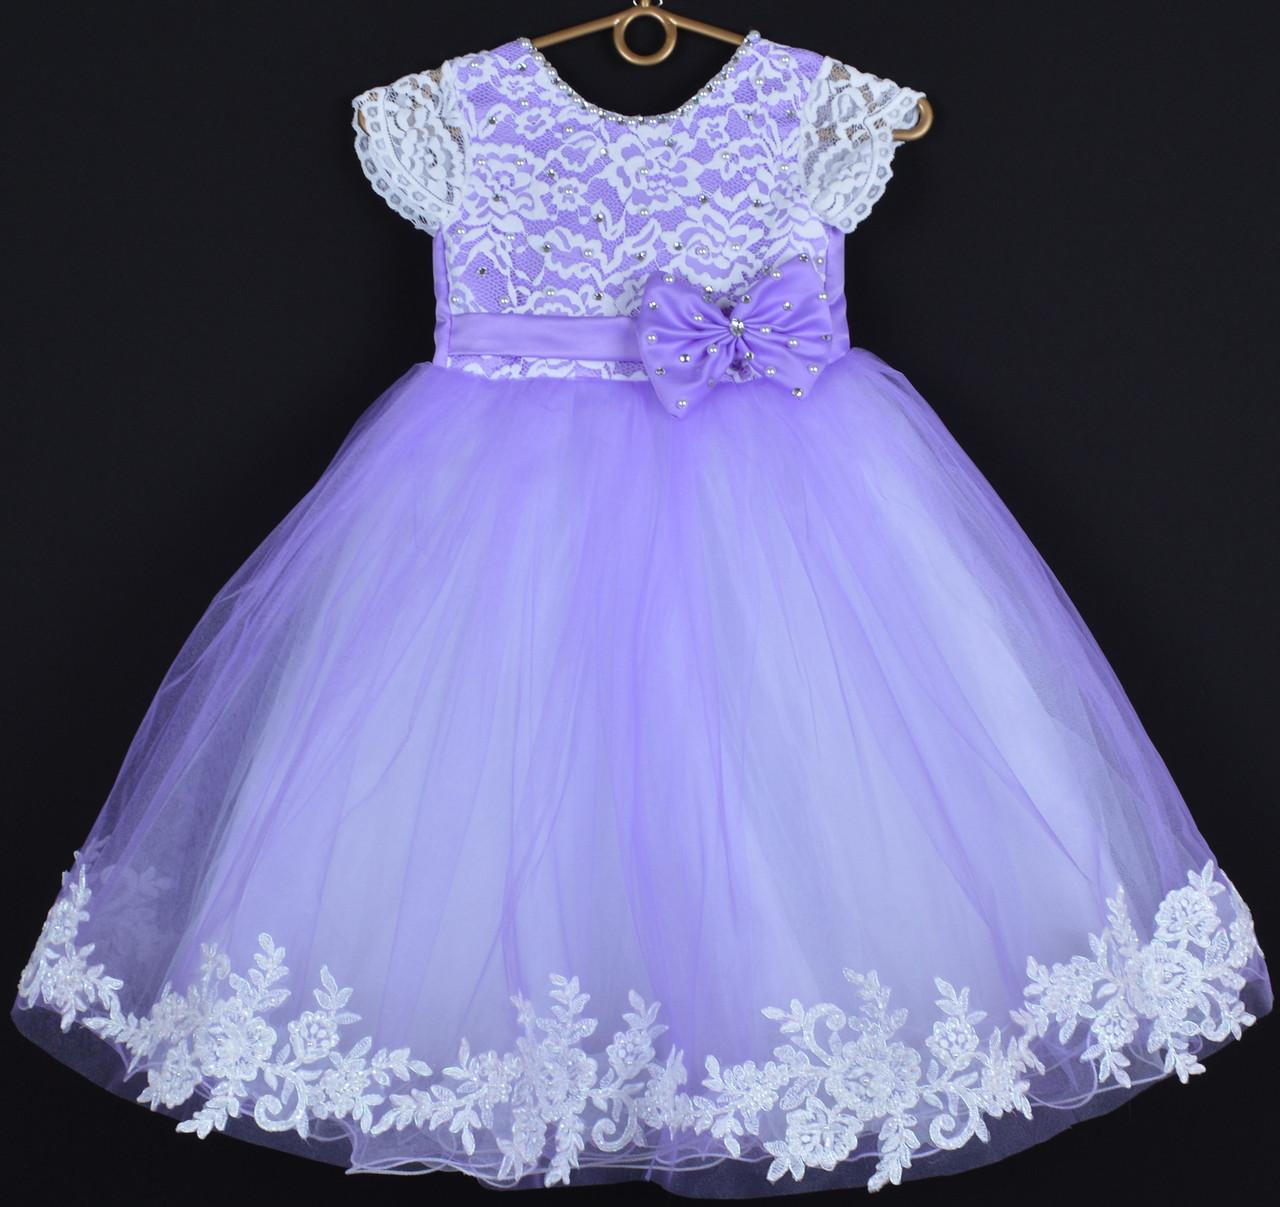 """Платье нарядное детское """"Исабель"""" с аппликацией 4-6 лет. Сиреневое. Оптом и в розницу"""